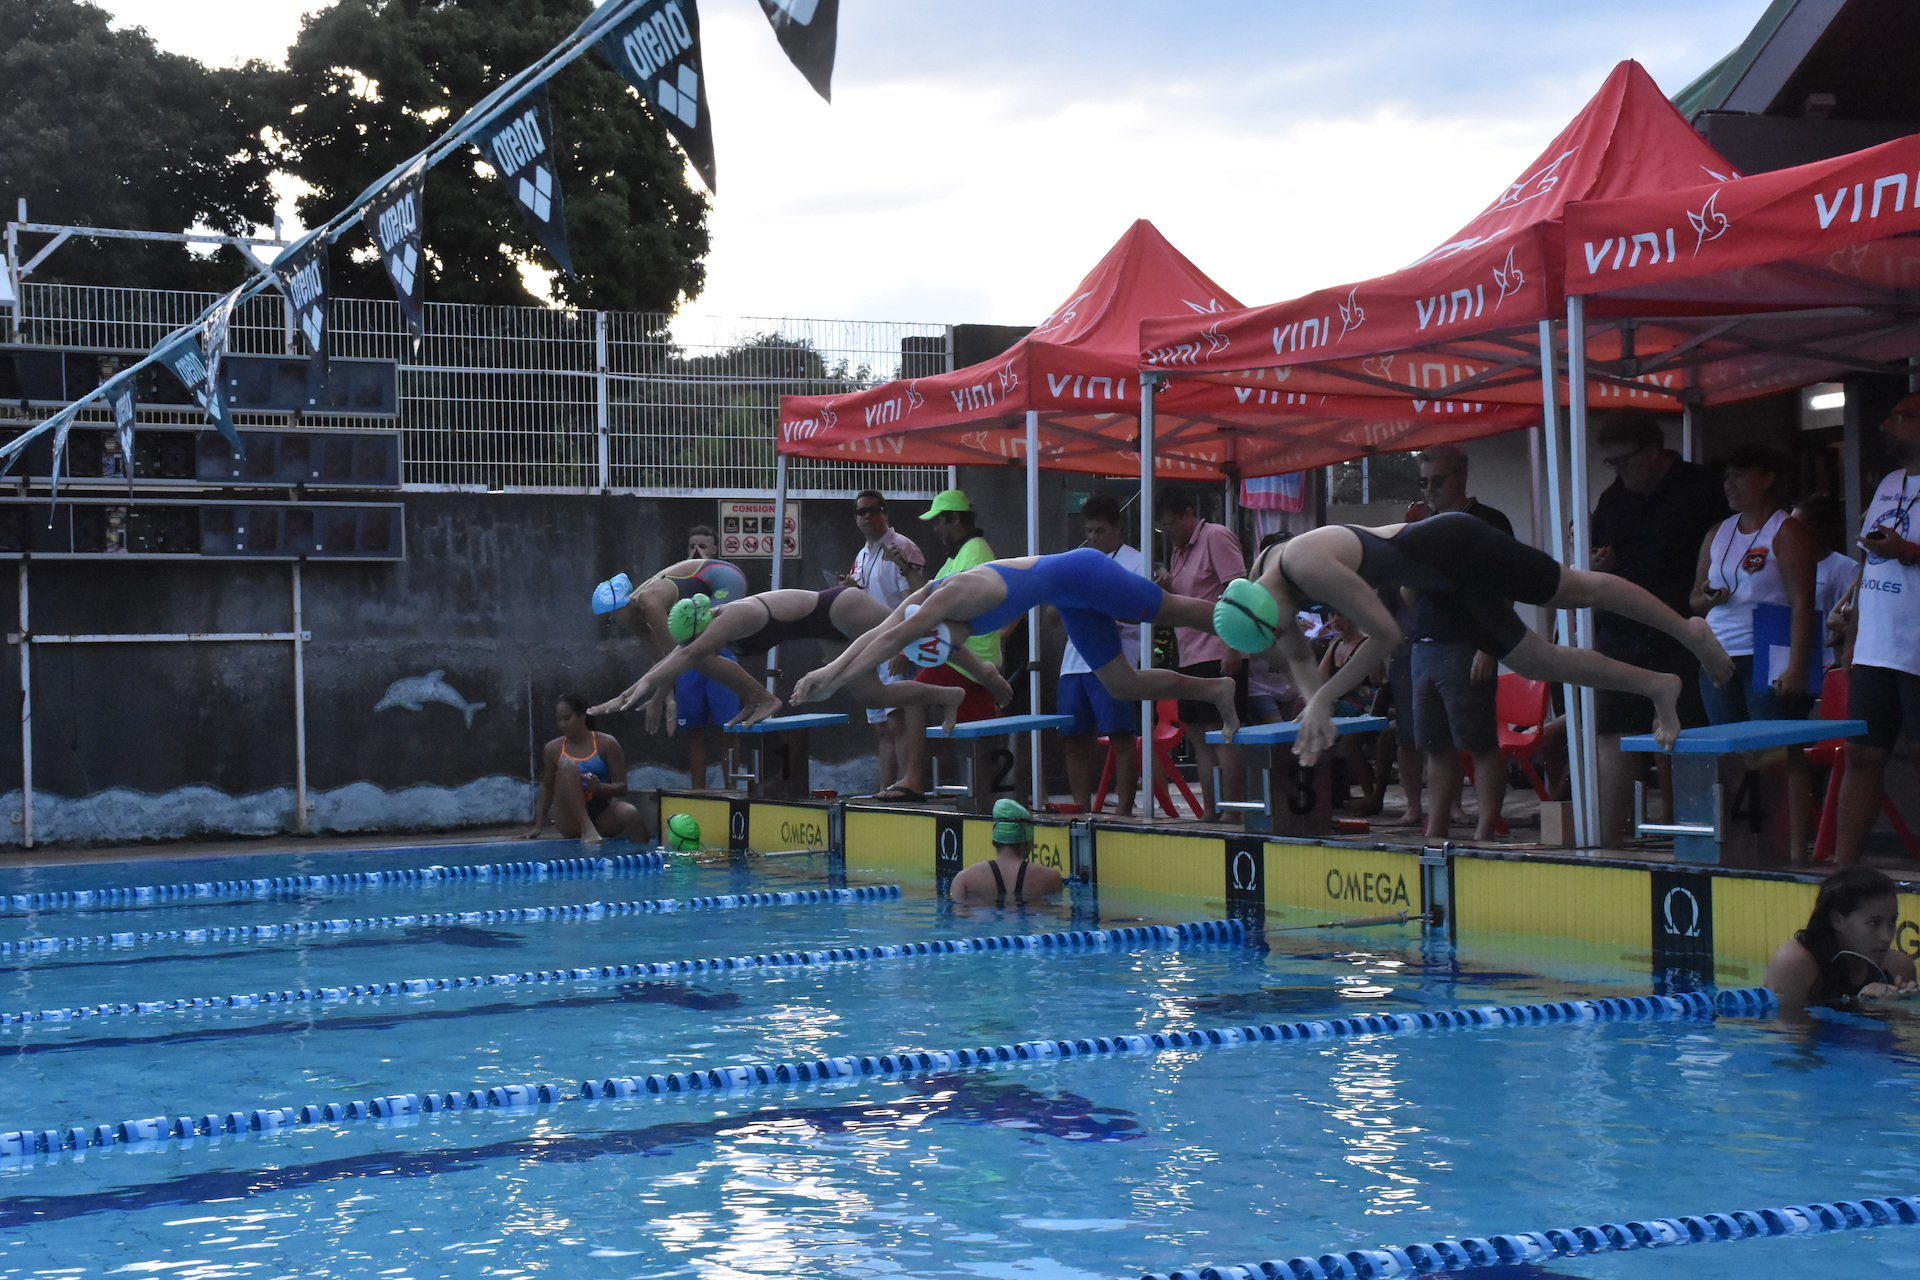 Comme pour les années précédentes, les nageurs ont effectué  trois 50 mètres, en changeant à chaque passage de style de nage (crawl, dos, papillon, brasse).